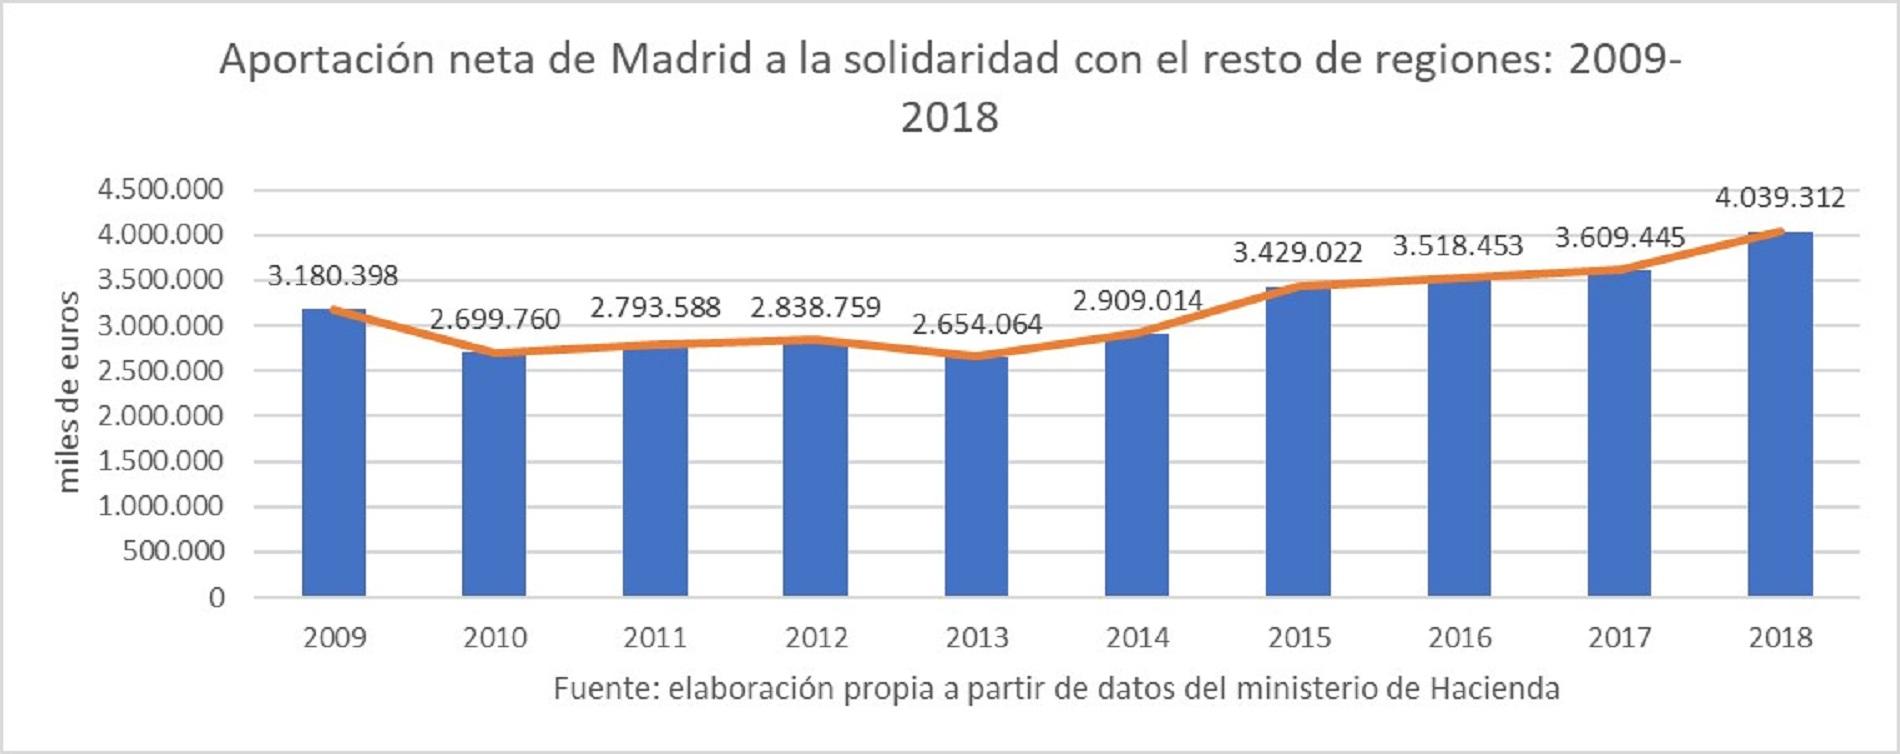 fgspf-solidaridad-madrid-2009-2018.jpg